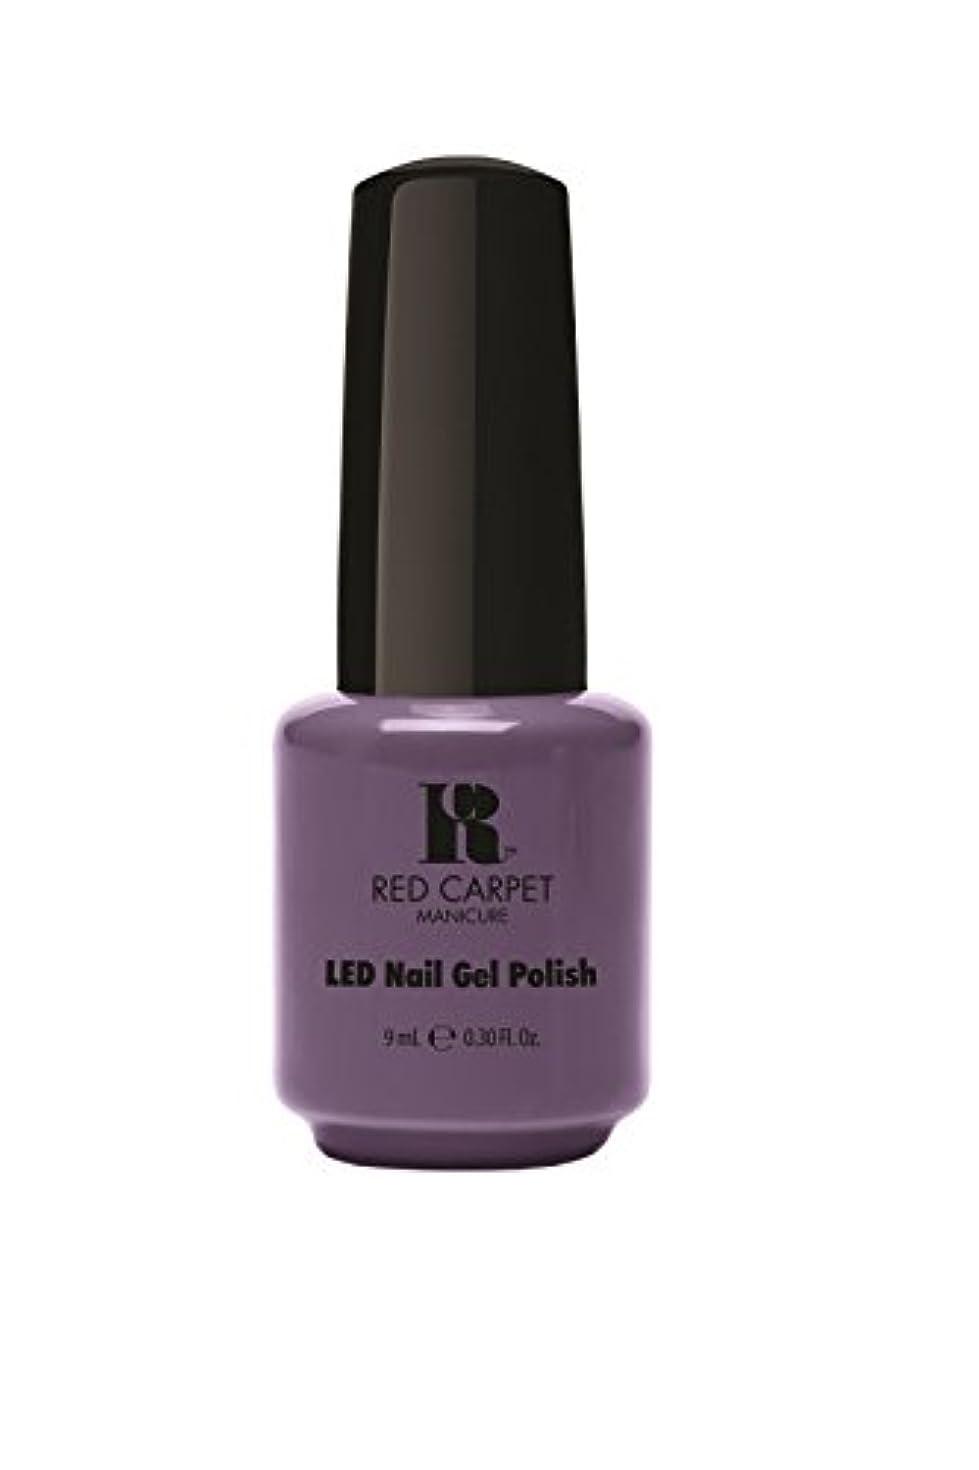 統計的ブルーム危険にさらされているRed Carpet Manicure - LED Nail Gel Polish - Prim & Proper - 0.3oz/9ml